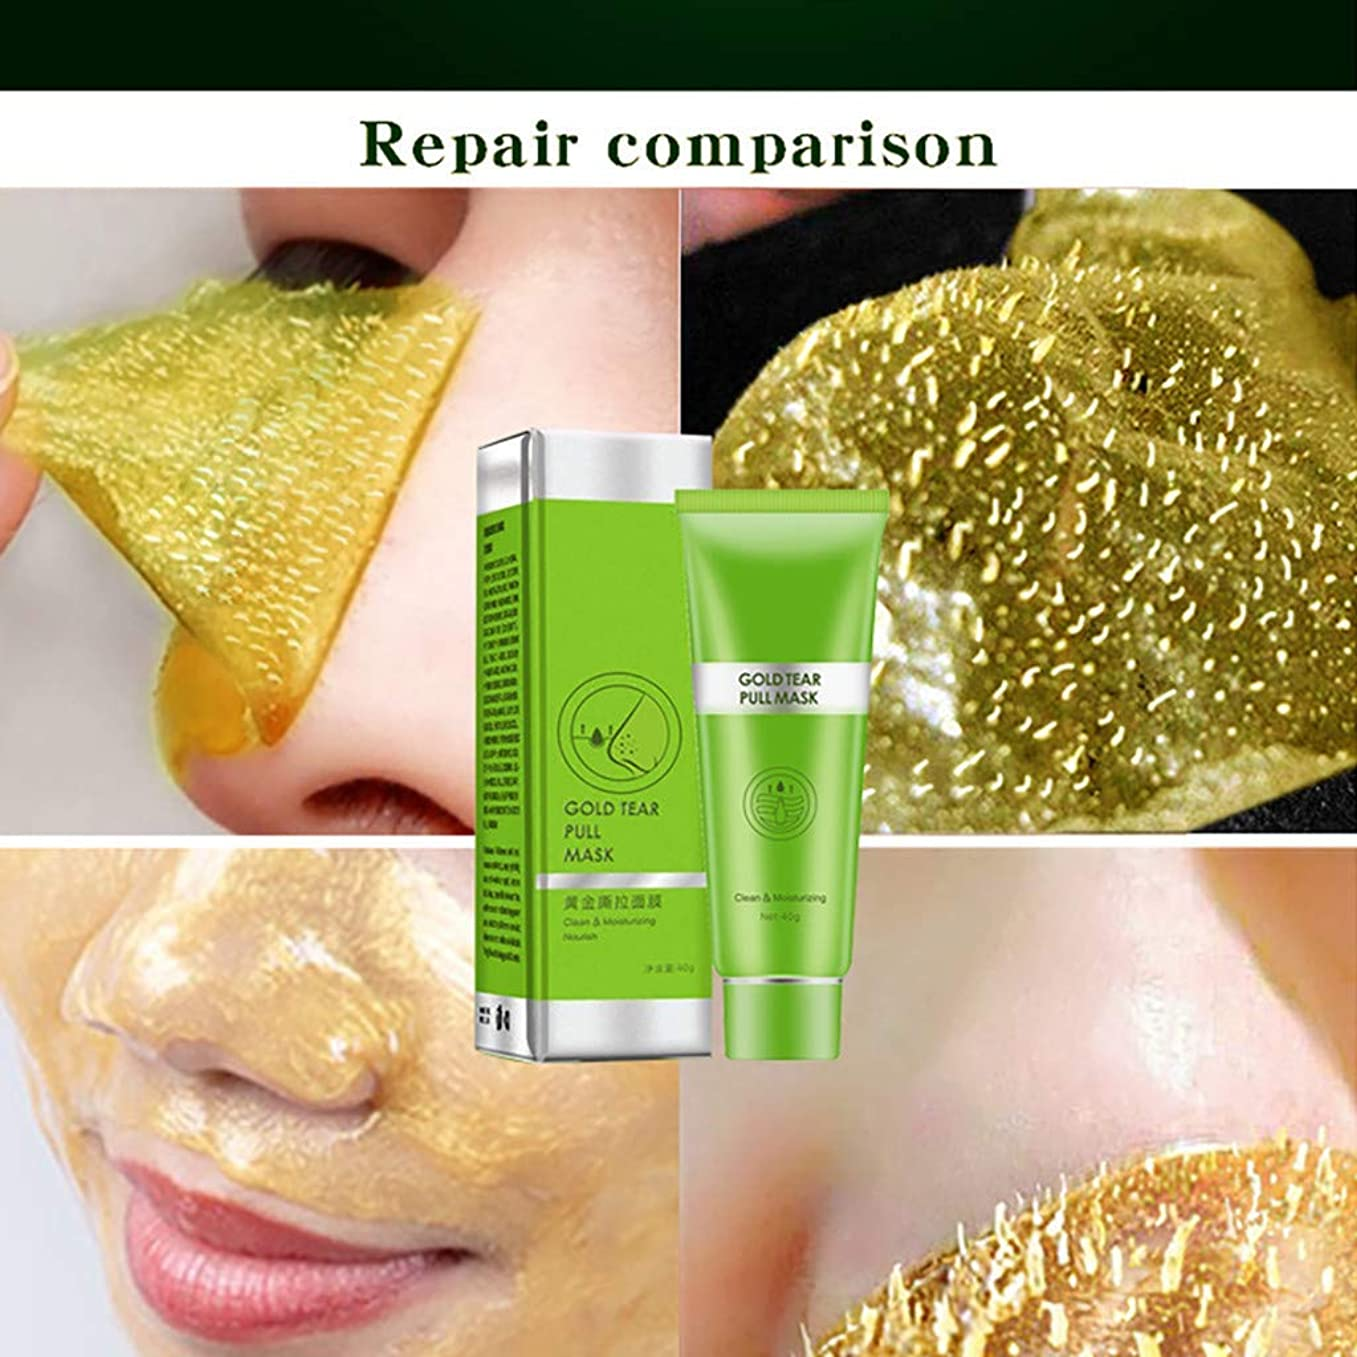 火薬アラブサラボ勇敢なフェイスケアゴールドコラーゲンピールオフマスクゴールデンティアリングマスクディープクリーニングにきび除去筋肉保湿ピュアナリッシングシュリンクポア引き締めスキンケアFace Care Gold Collagen Peel off Mask Golden Tearing Mask Deep Cleaning Blackhead Acne Removal (2個/2Pcs)